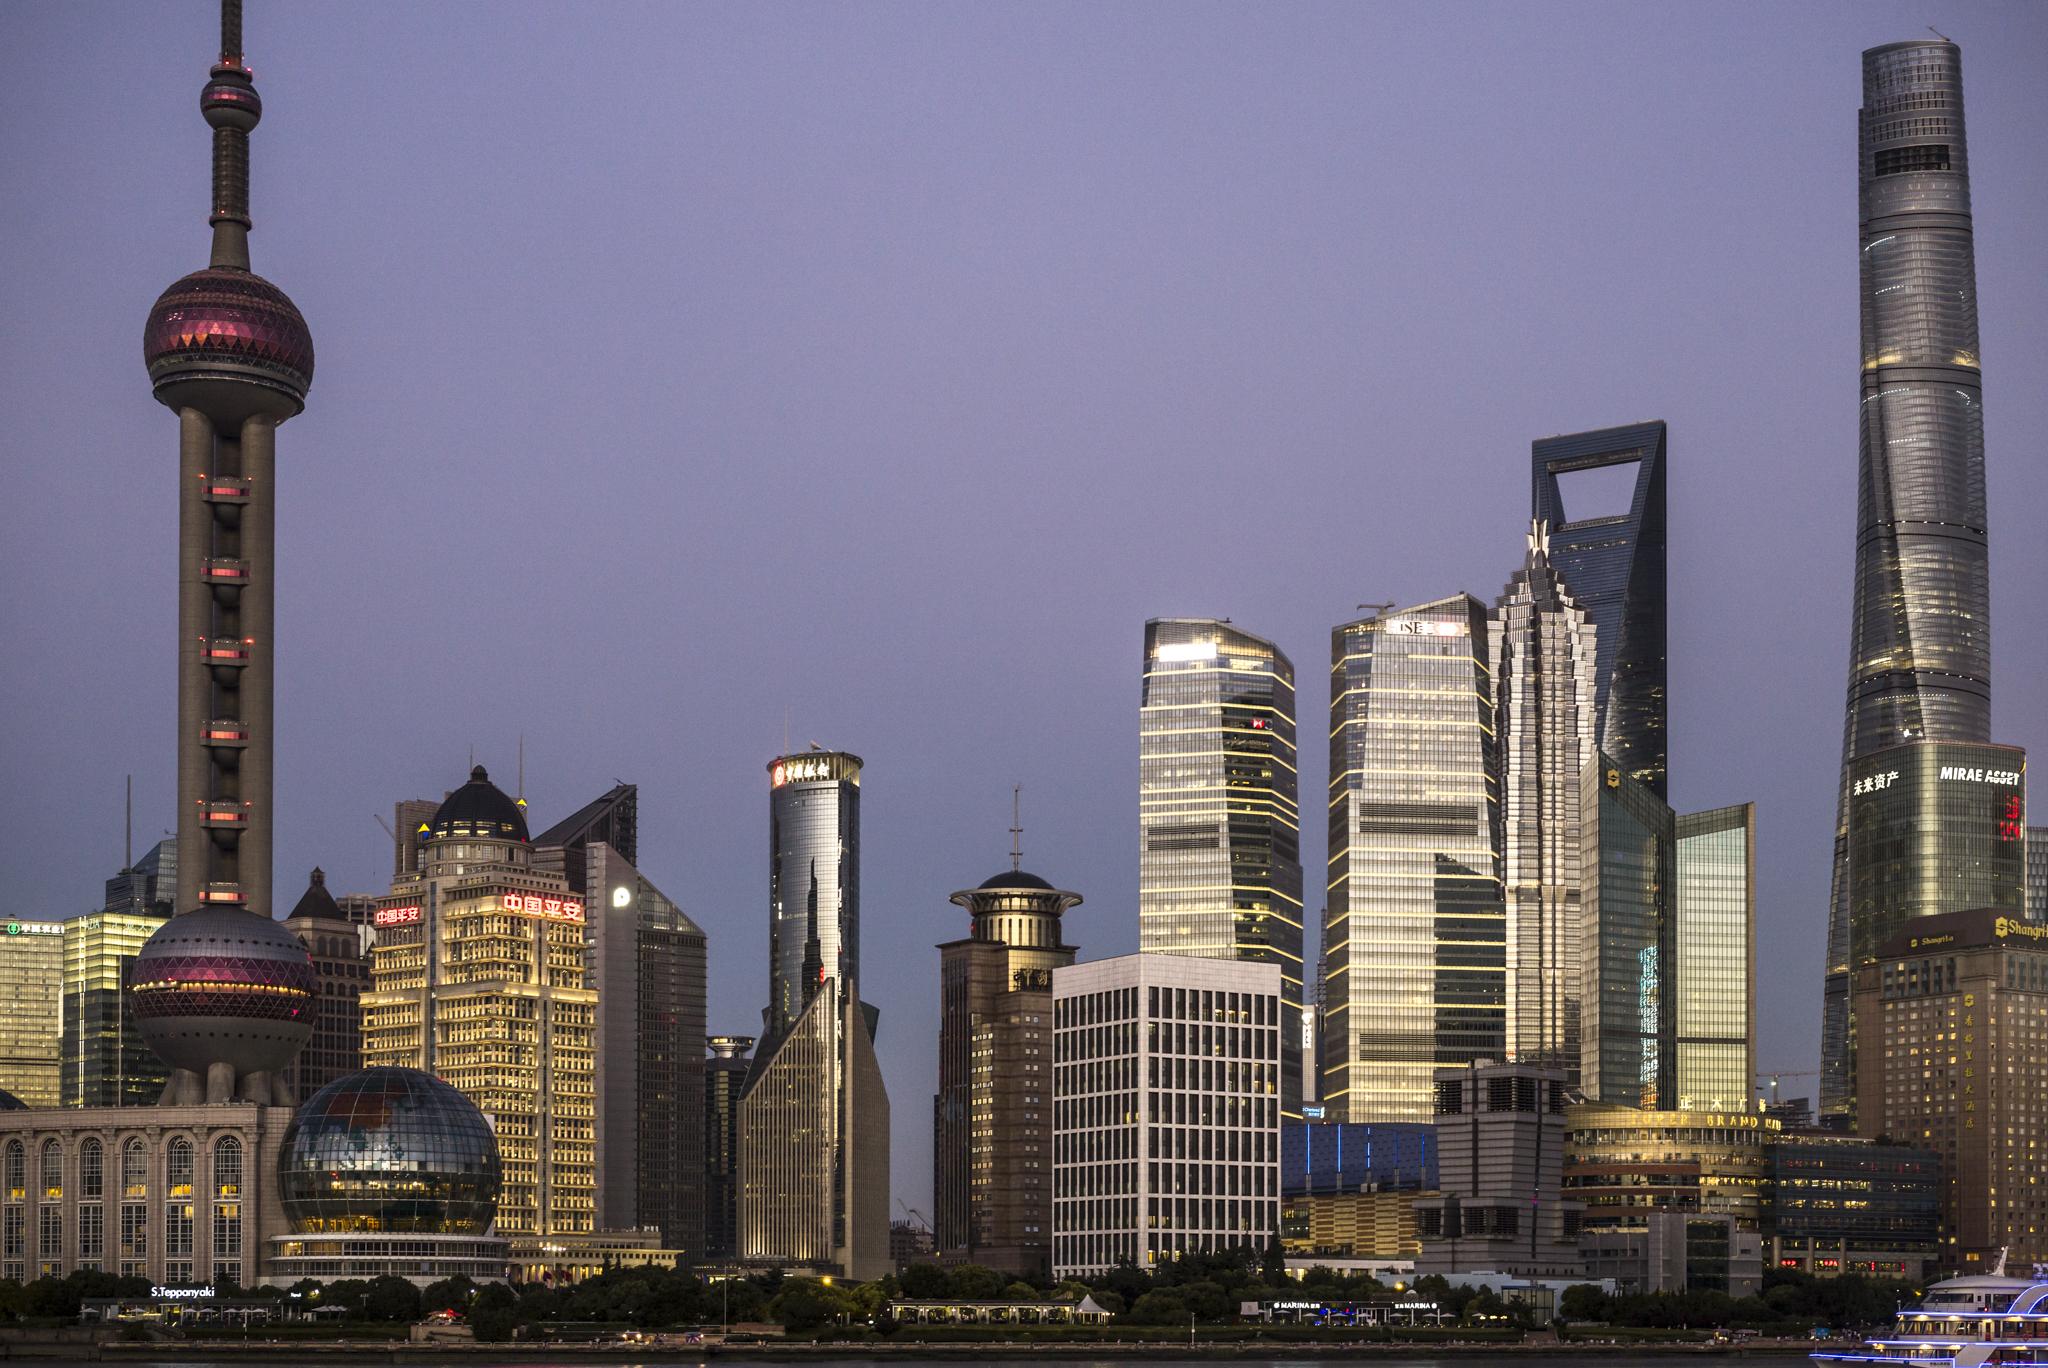 Shanghai, China - September 9, 2015